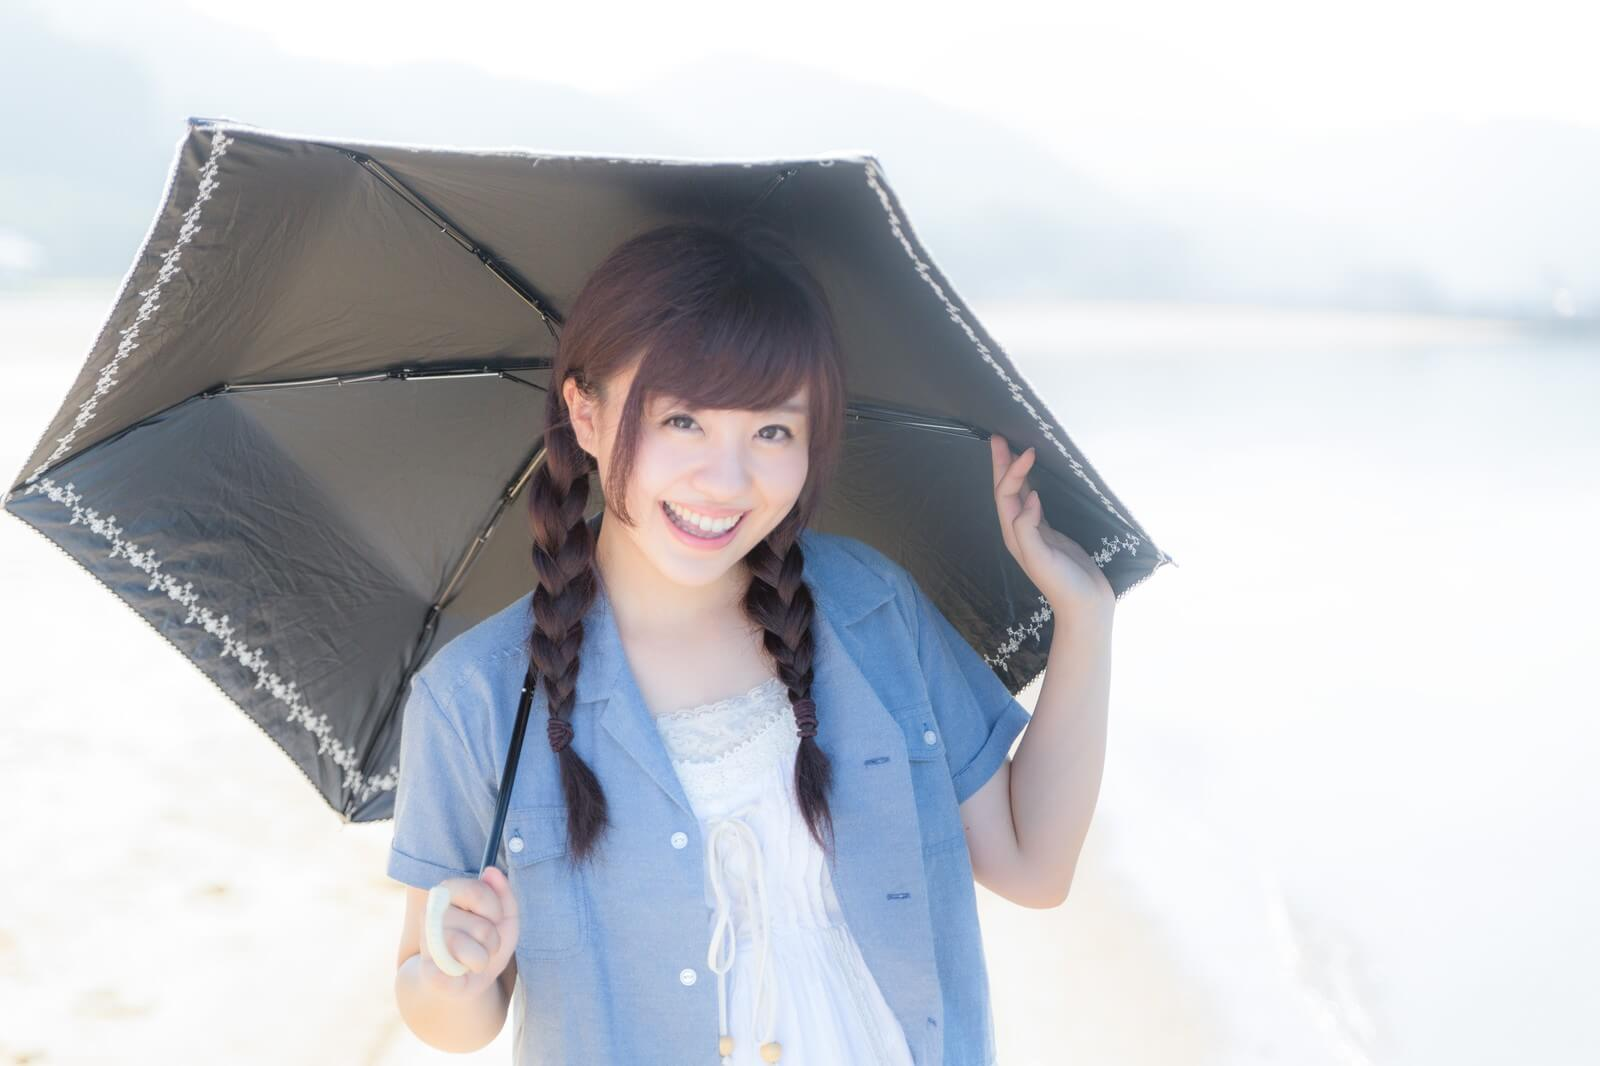 女子はみんな日傘をさす、が台湾の常識?びっくりした出来事